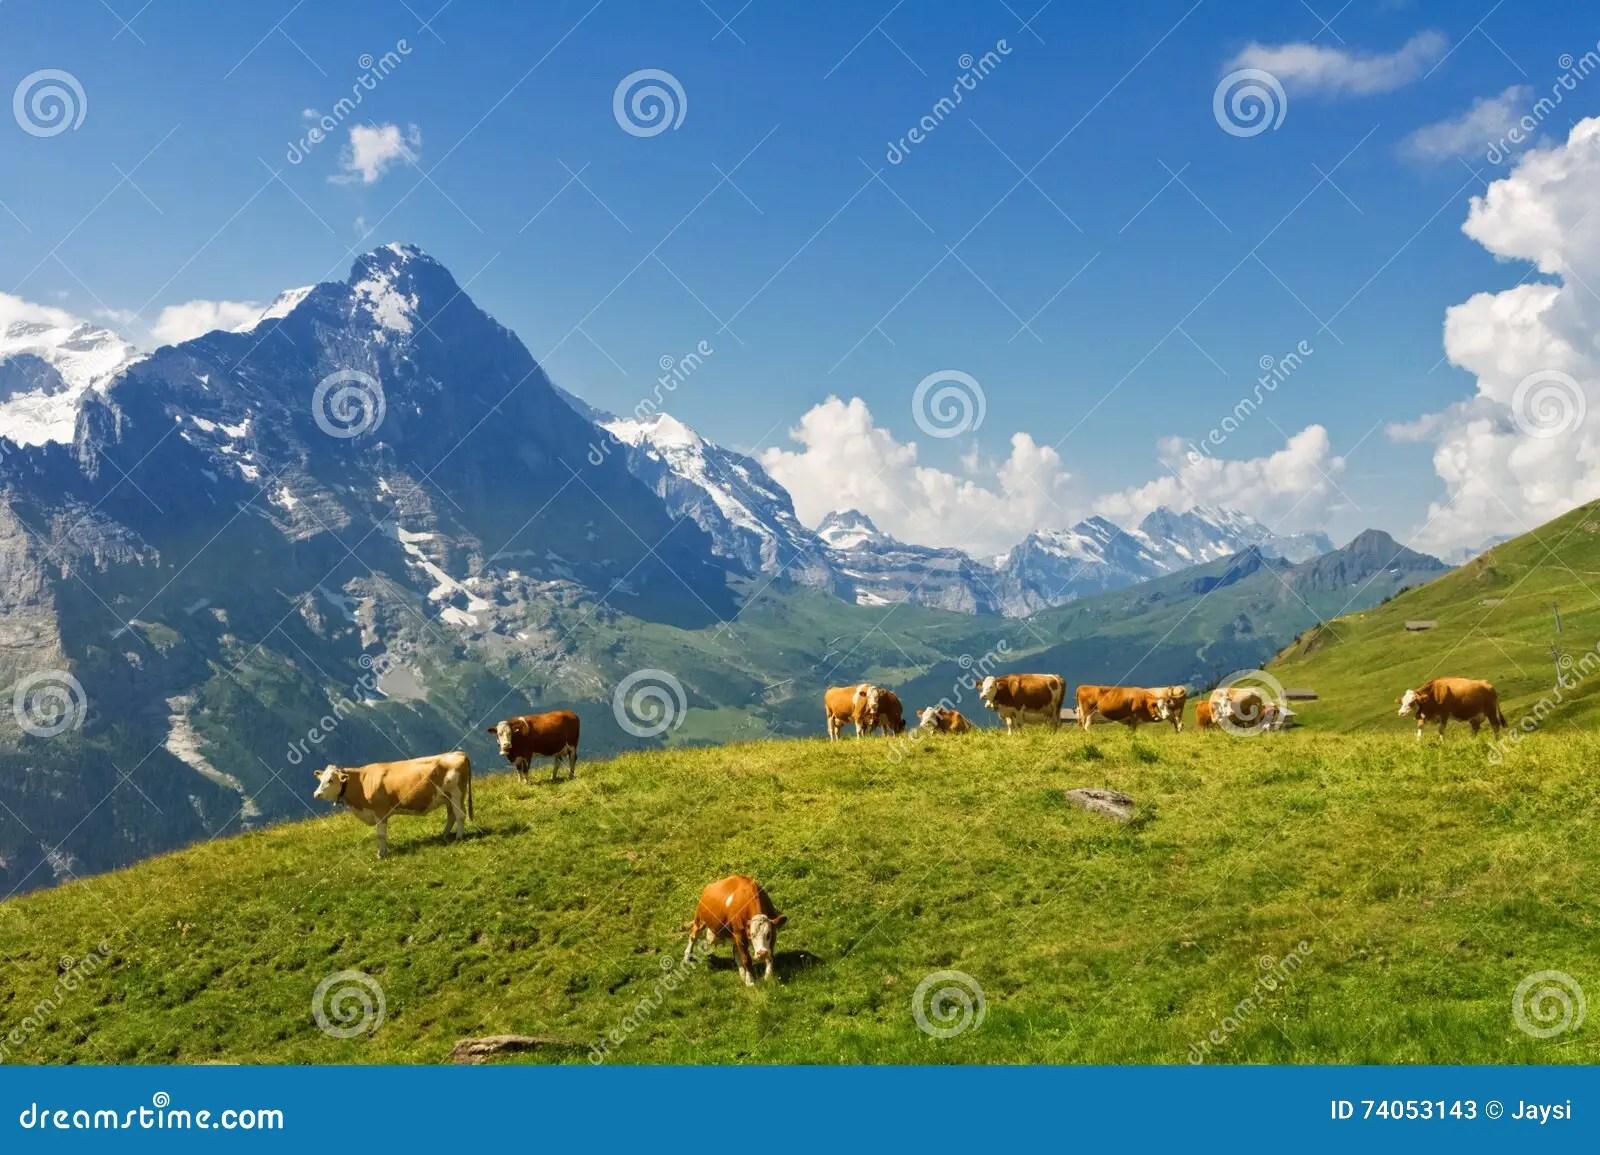 Bello Paesaggio Alpino Idilliaco Con Le Mucche Le Montagne Delle Alpi E La Campagna Di Estate Immagine Stock  Immagine di bello latteria 74053143